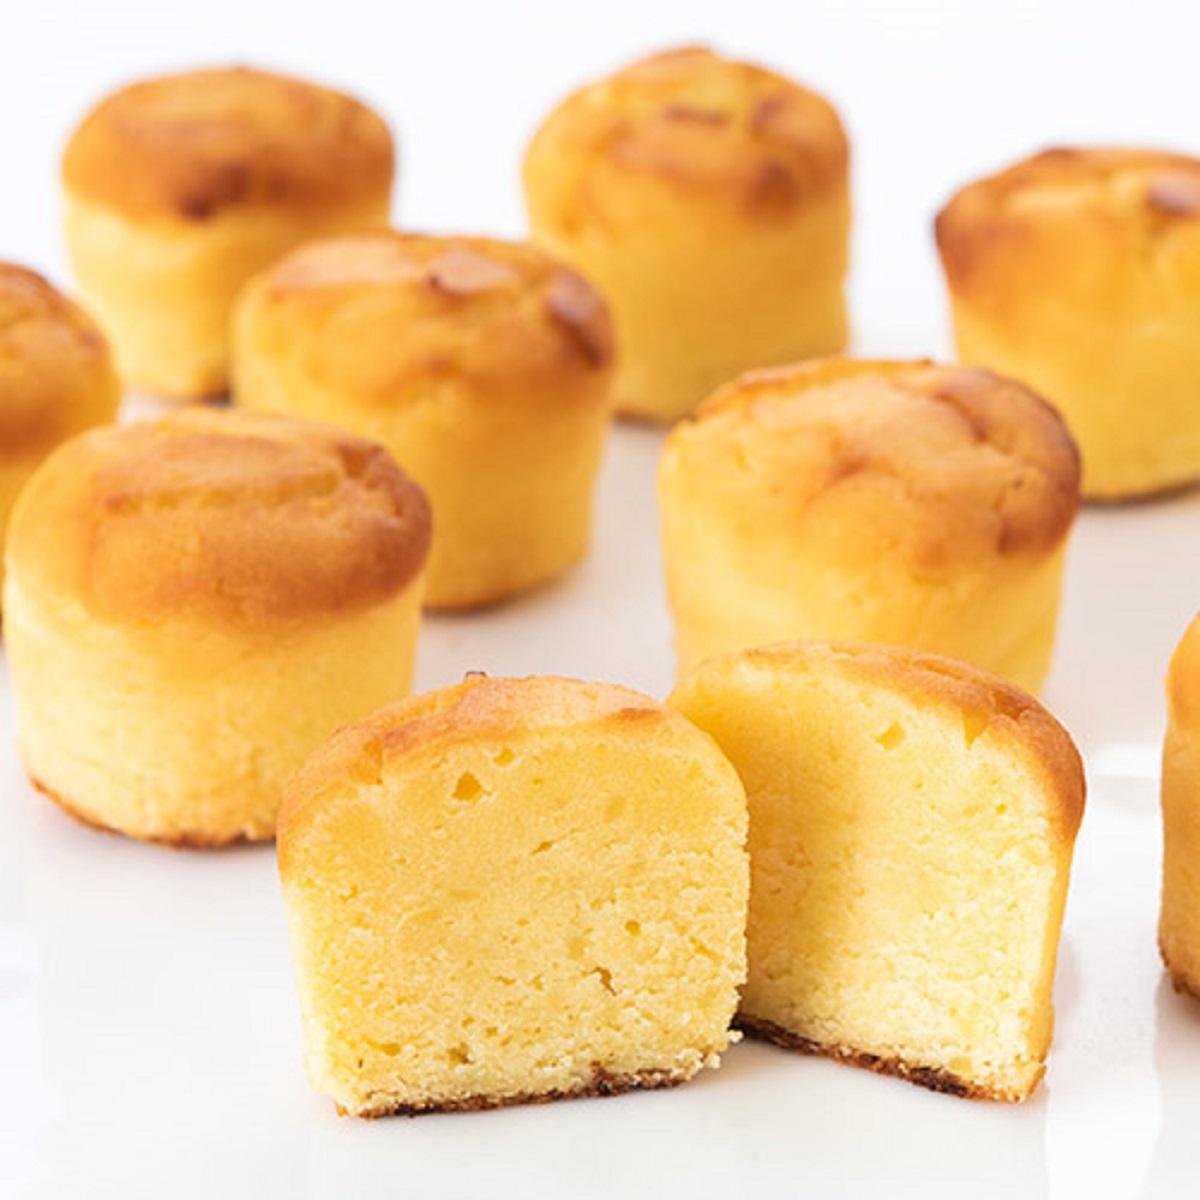 Kuradukuri ร้าน Sweet potato BENIAKA-kun ขนมมันหวานยอดนิยมของเมืองคาวาโกเอะ จ.ไซตามะ